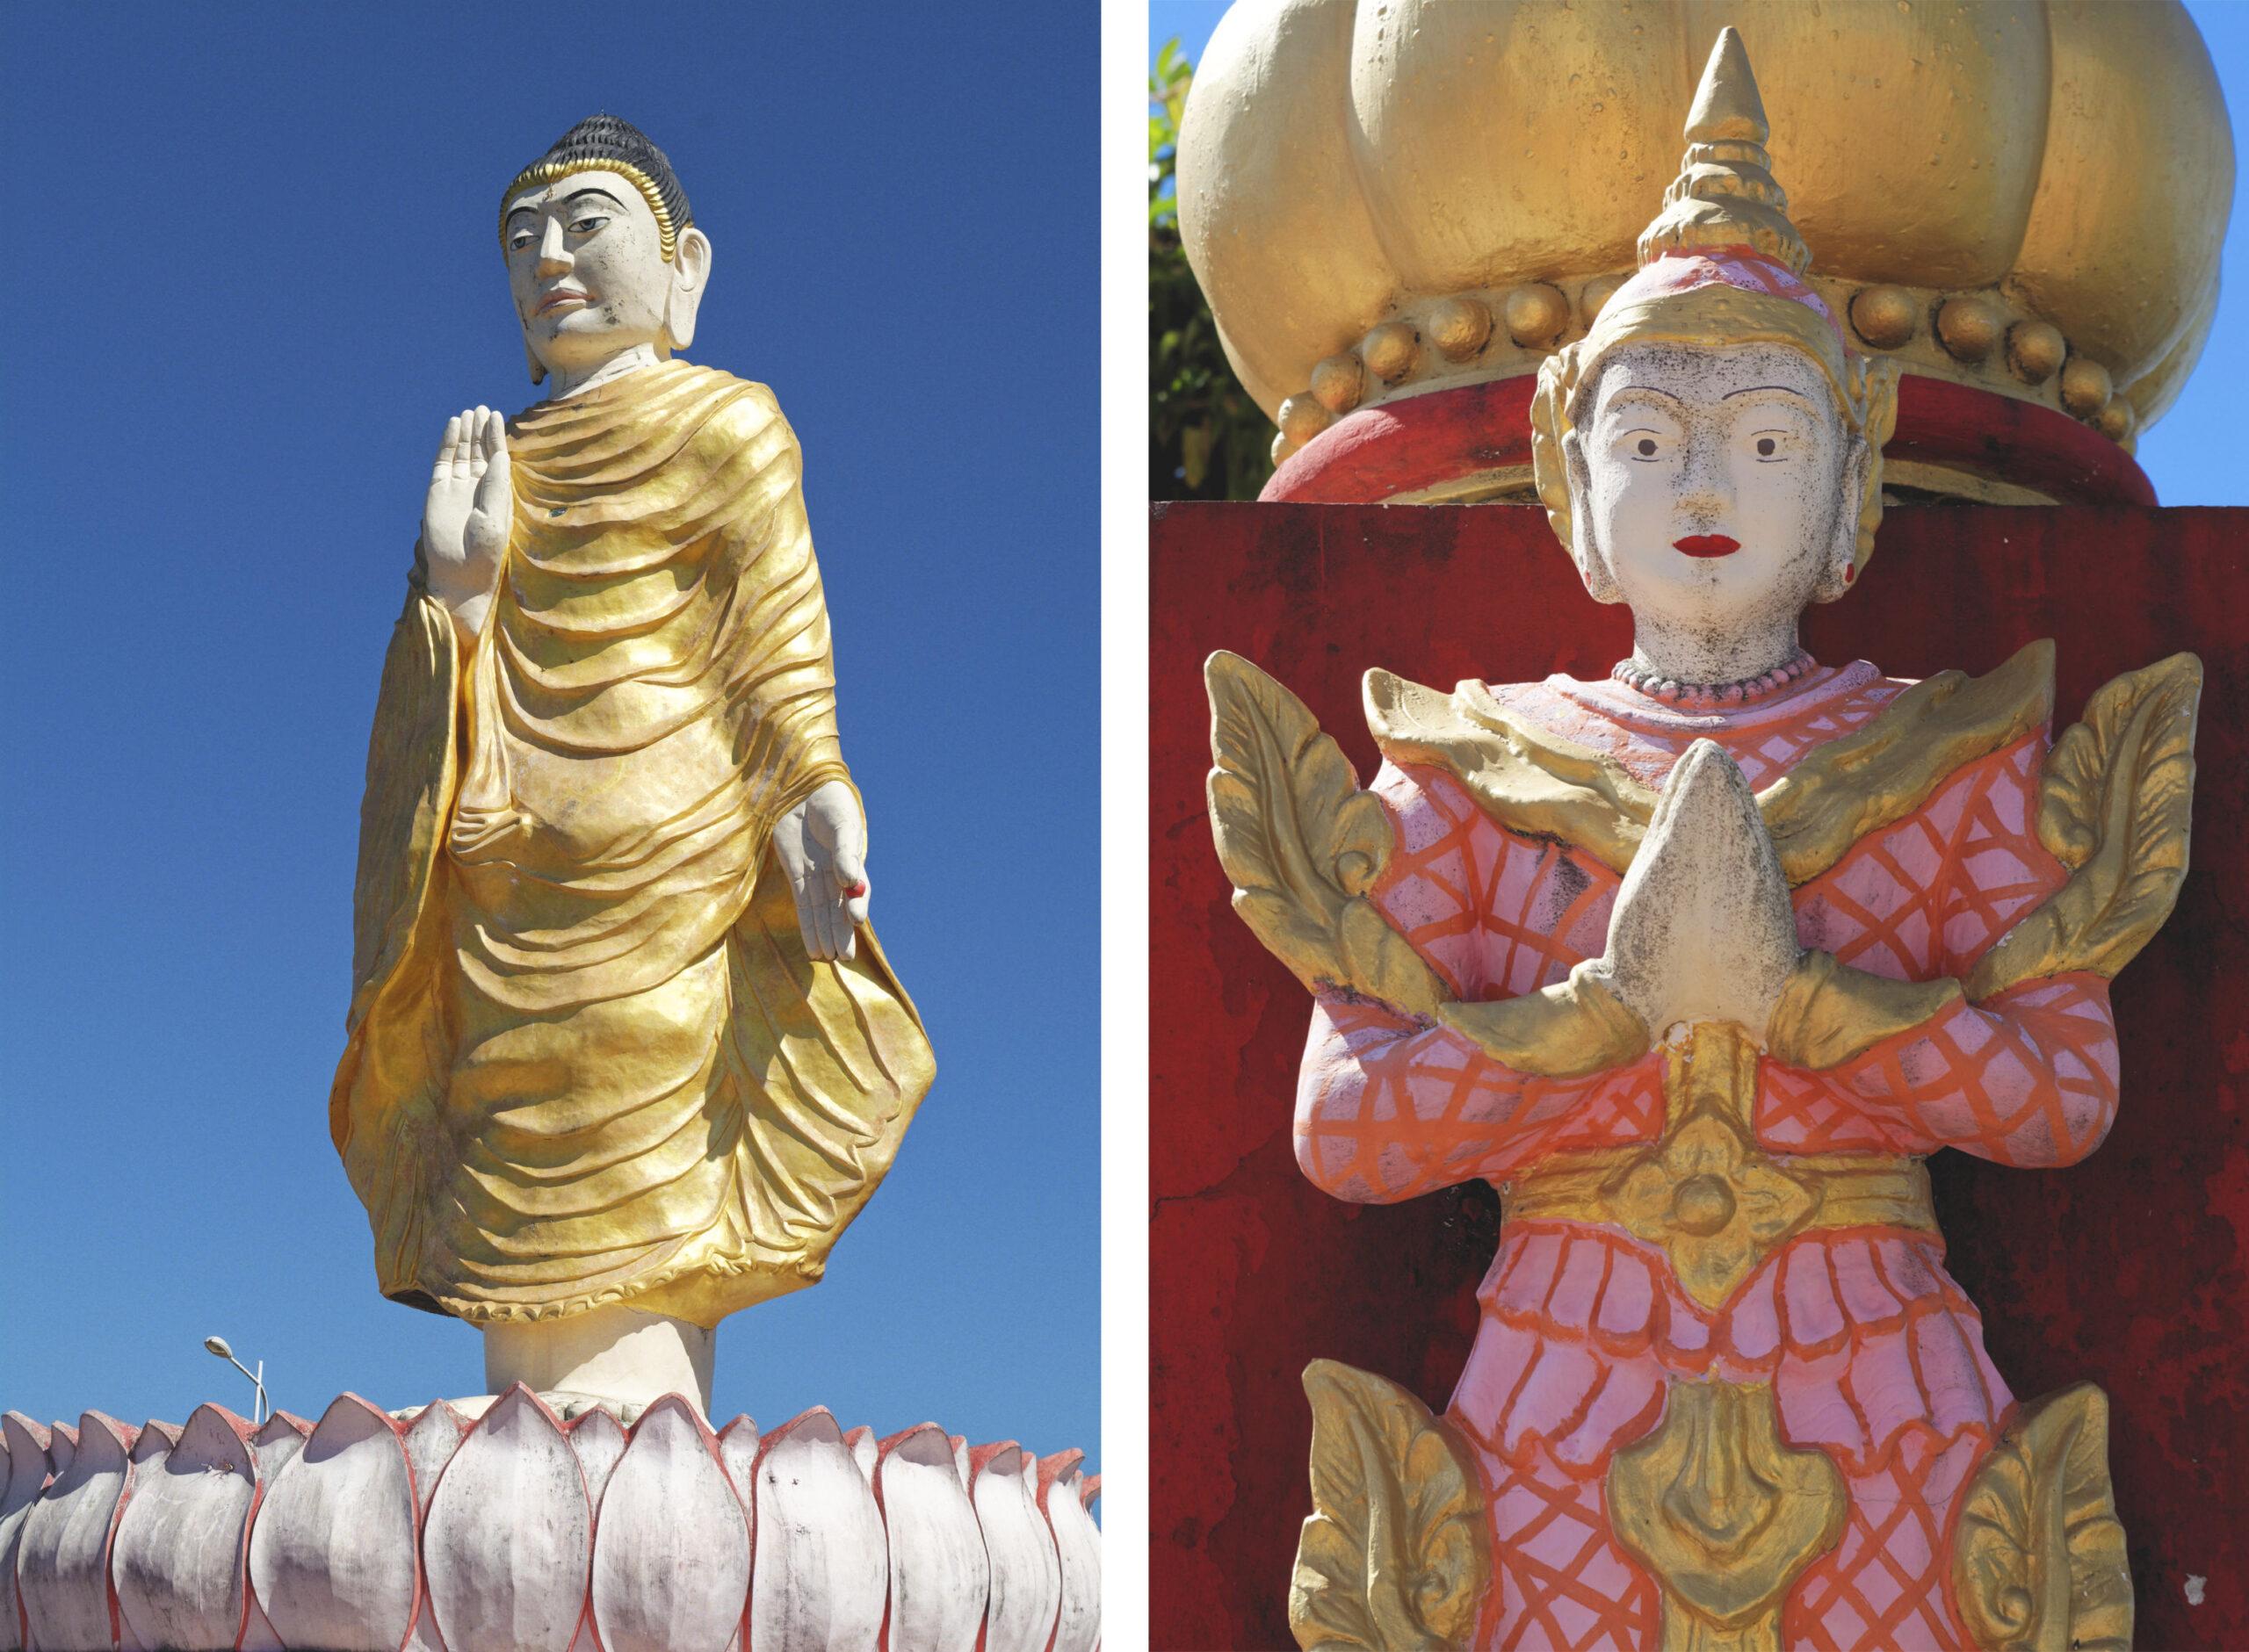 Ngapali bouddhisme